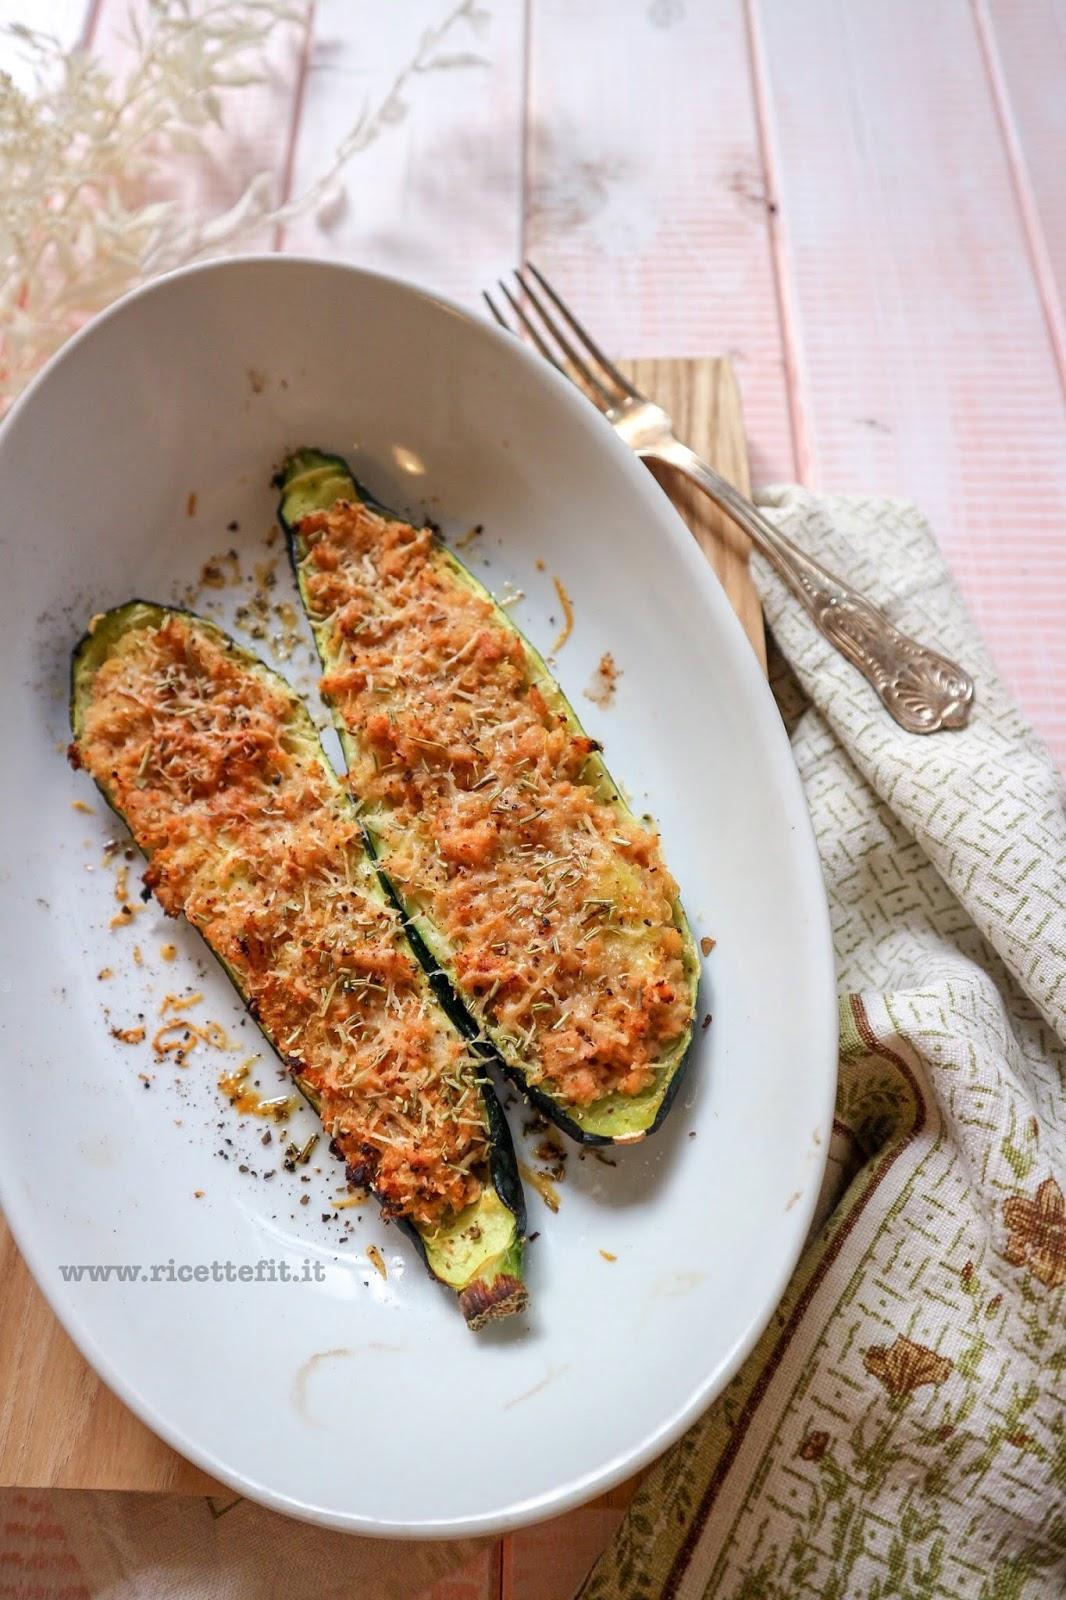 Ricetta Zucchine Ripiene Di Tonno.Ricette Fit Per Zucchine Ripiene Di Tonno Low Carb 150 Kcal Tuna Stuffed Skinny Zucchini La Vie Est Fit